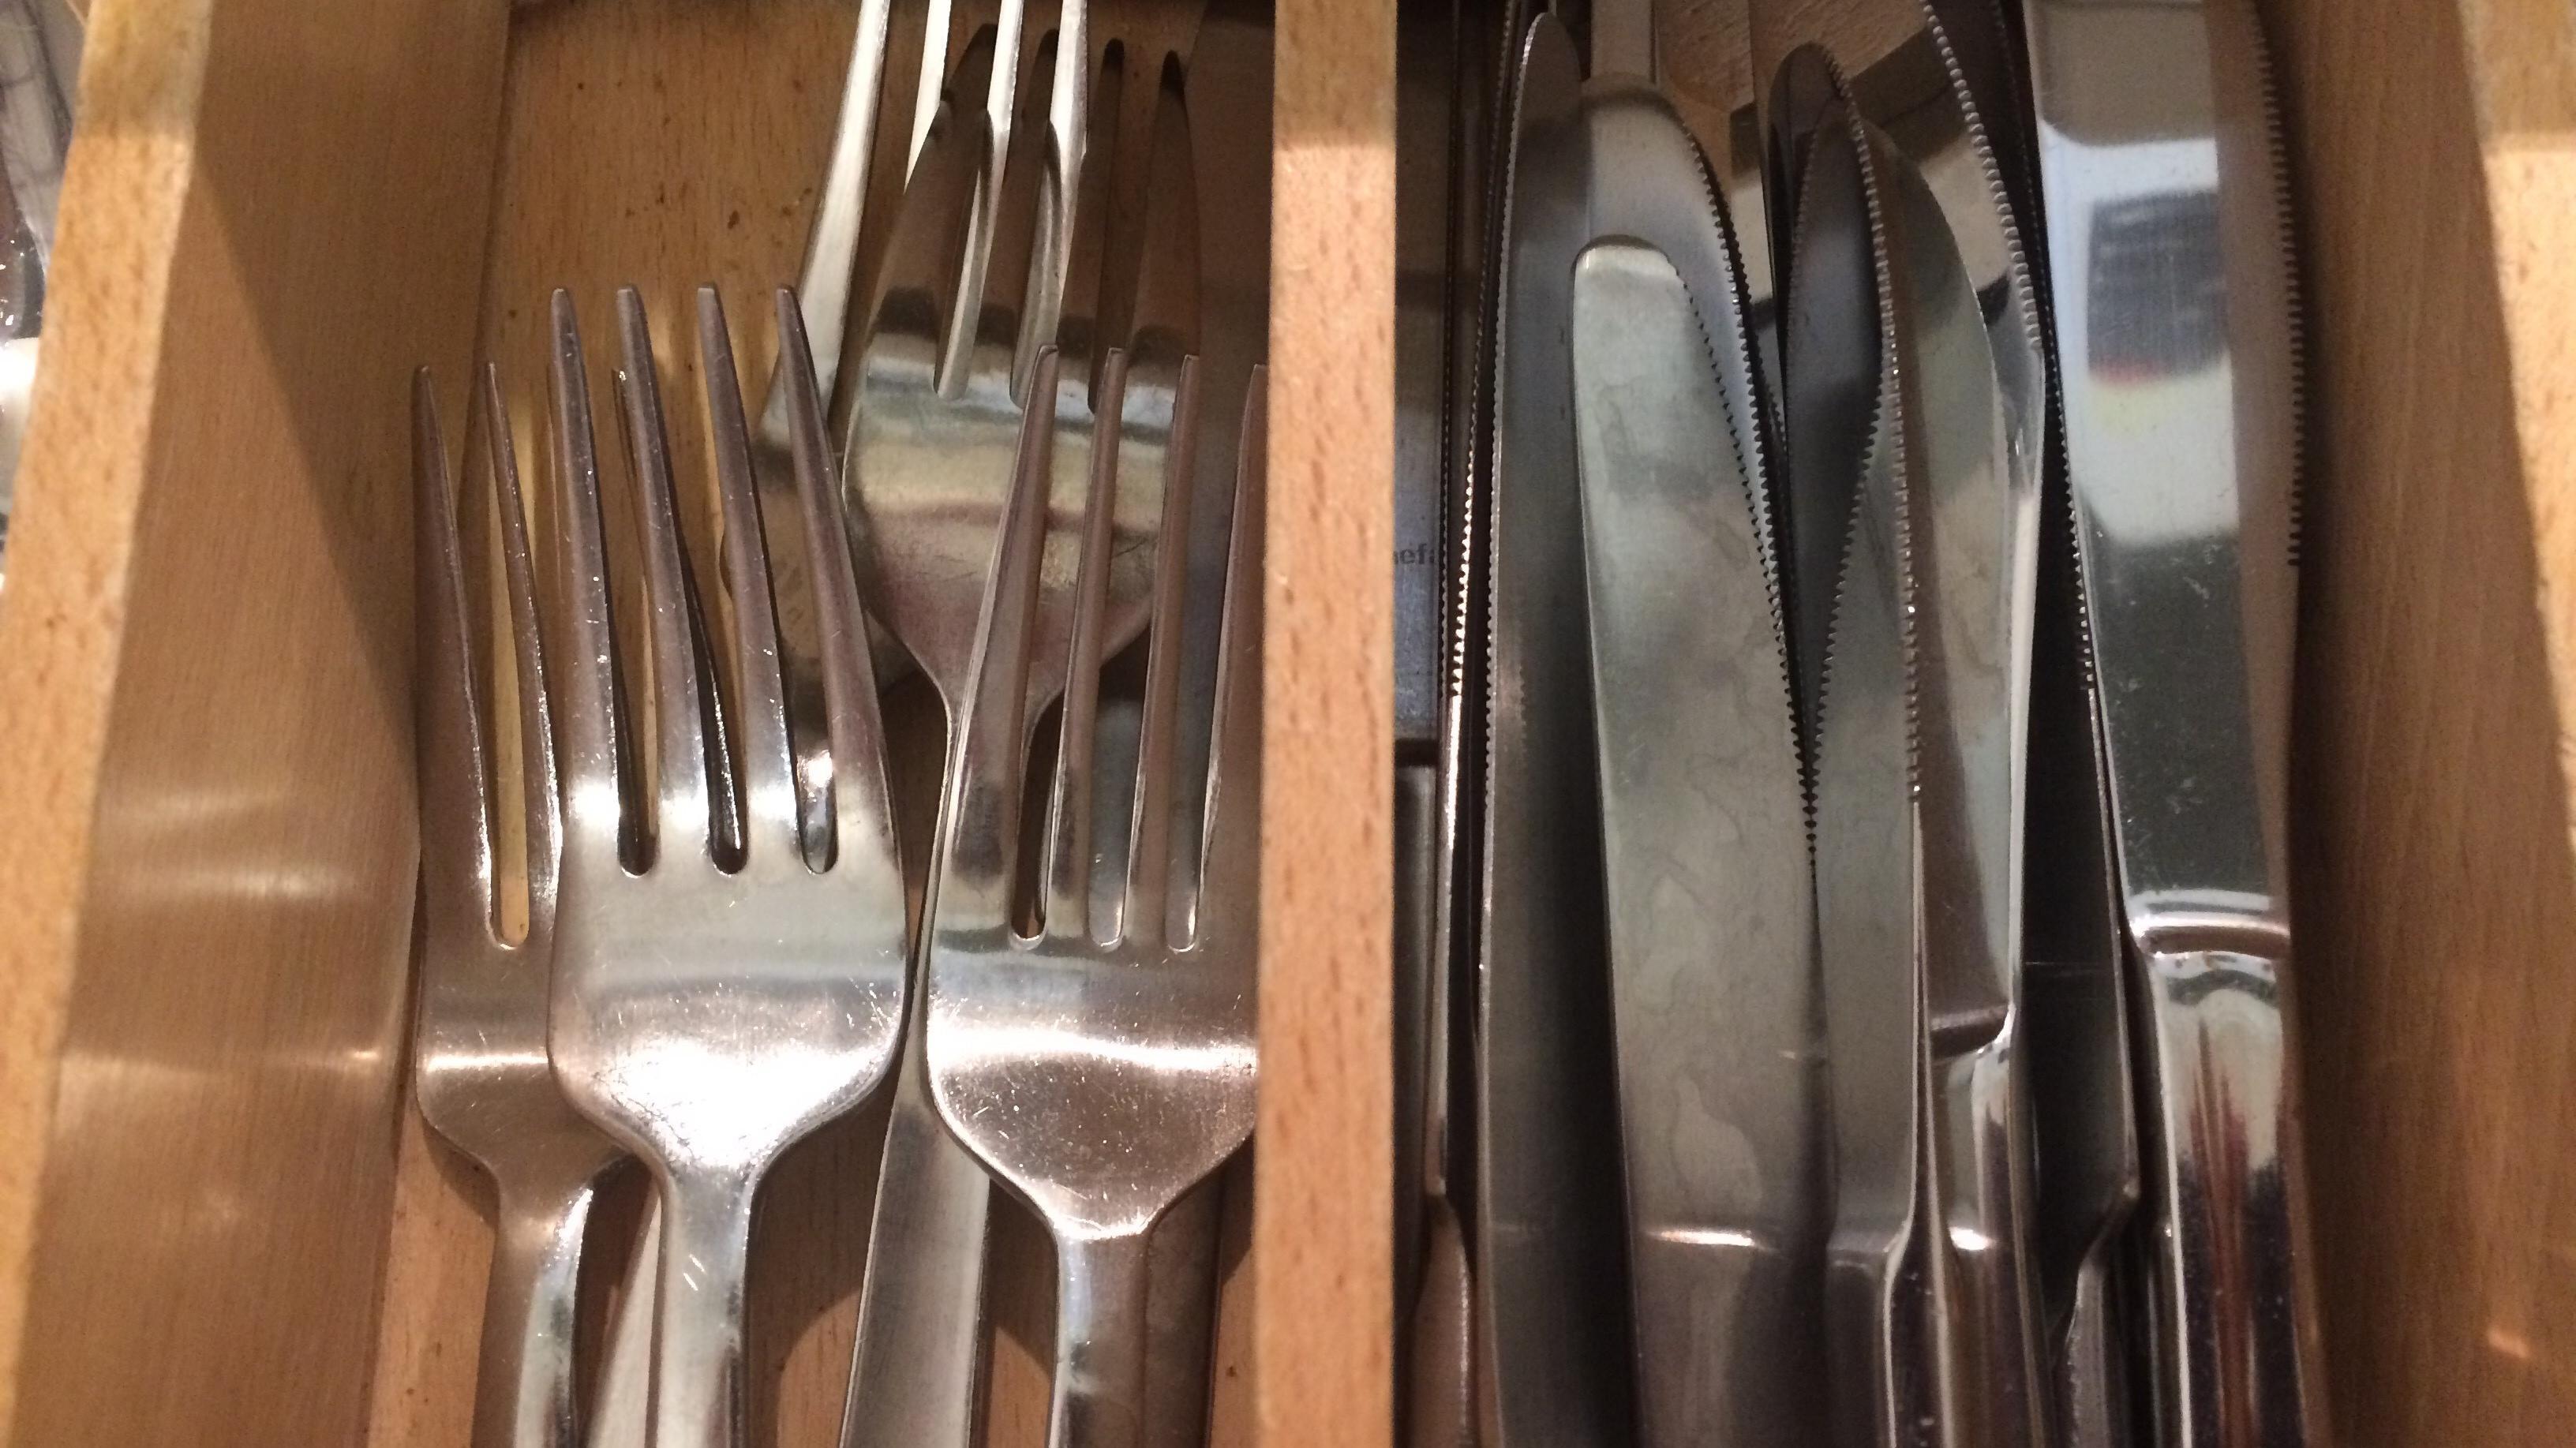 knive_og_gafler.jpg